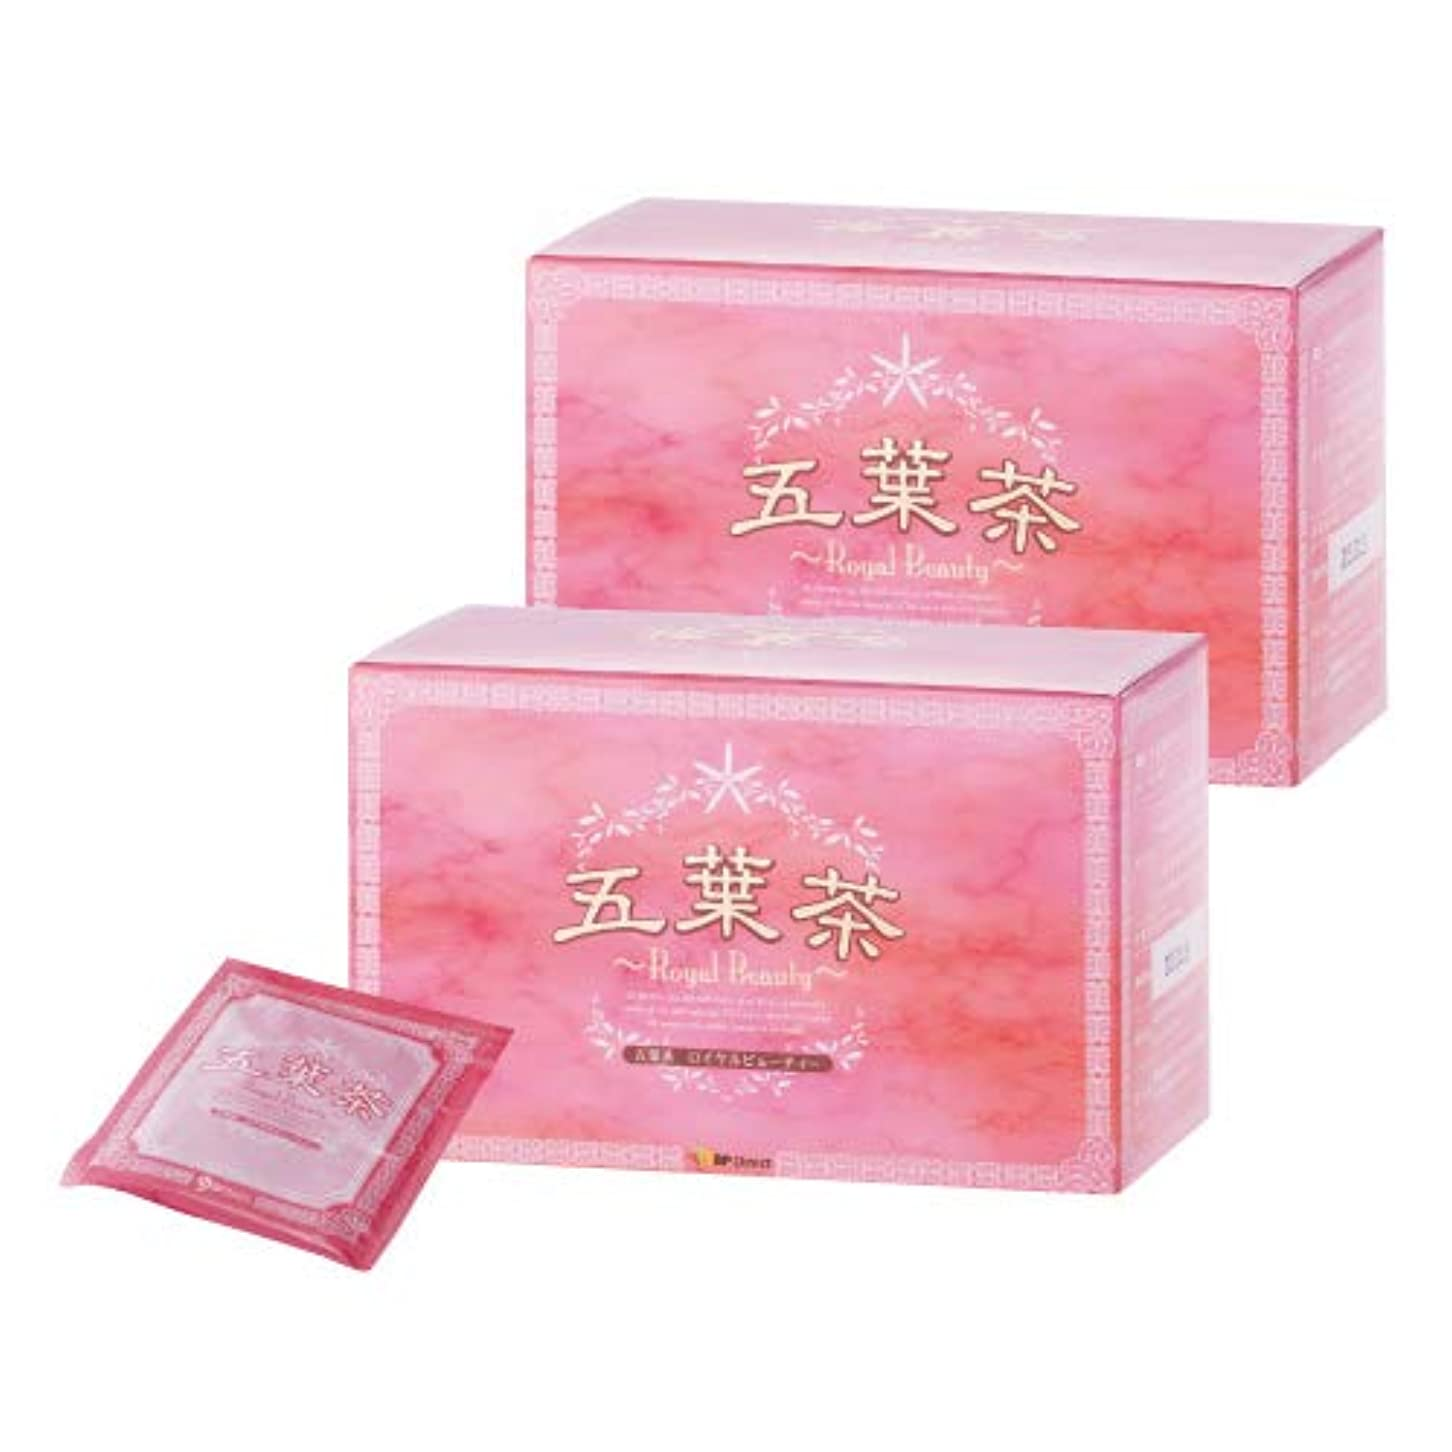 ブルゴーニュ温度計物語五葉茶ロイヤルビューティー 30包 2箱セット ダイエット ダイエット茶 ダイエットティー 難消化性デキストリン